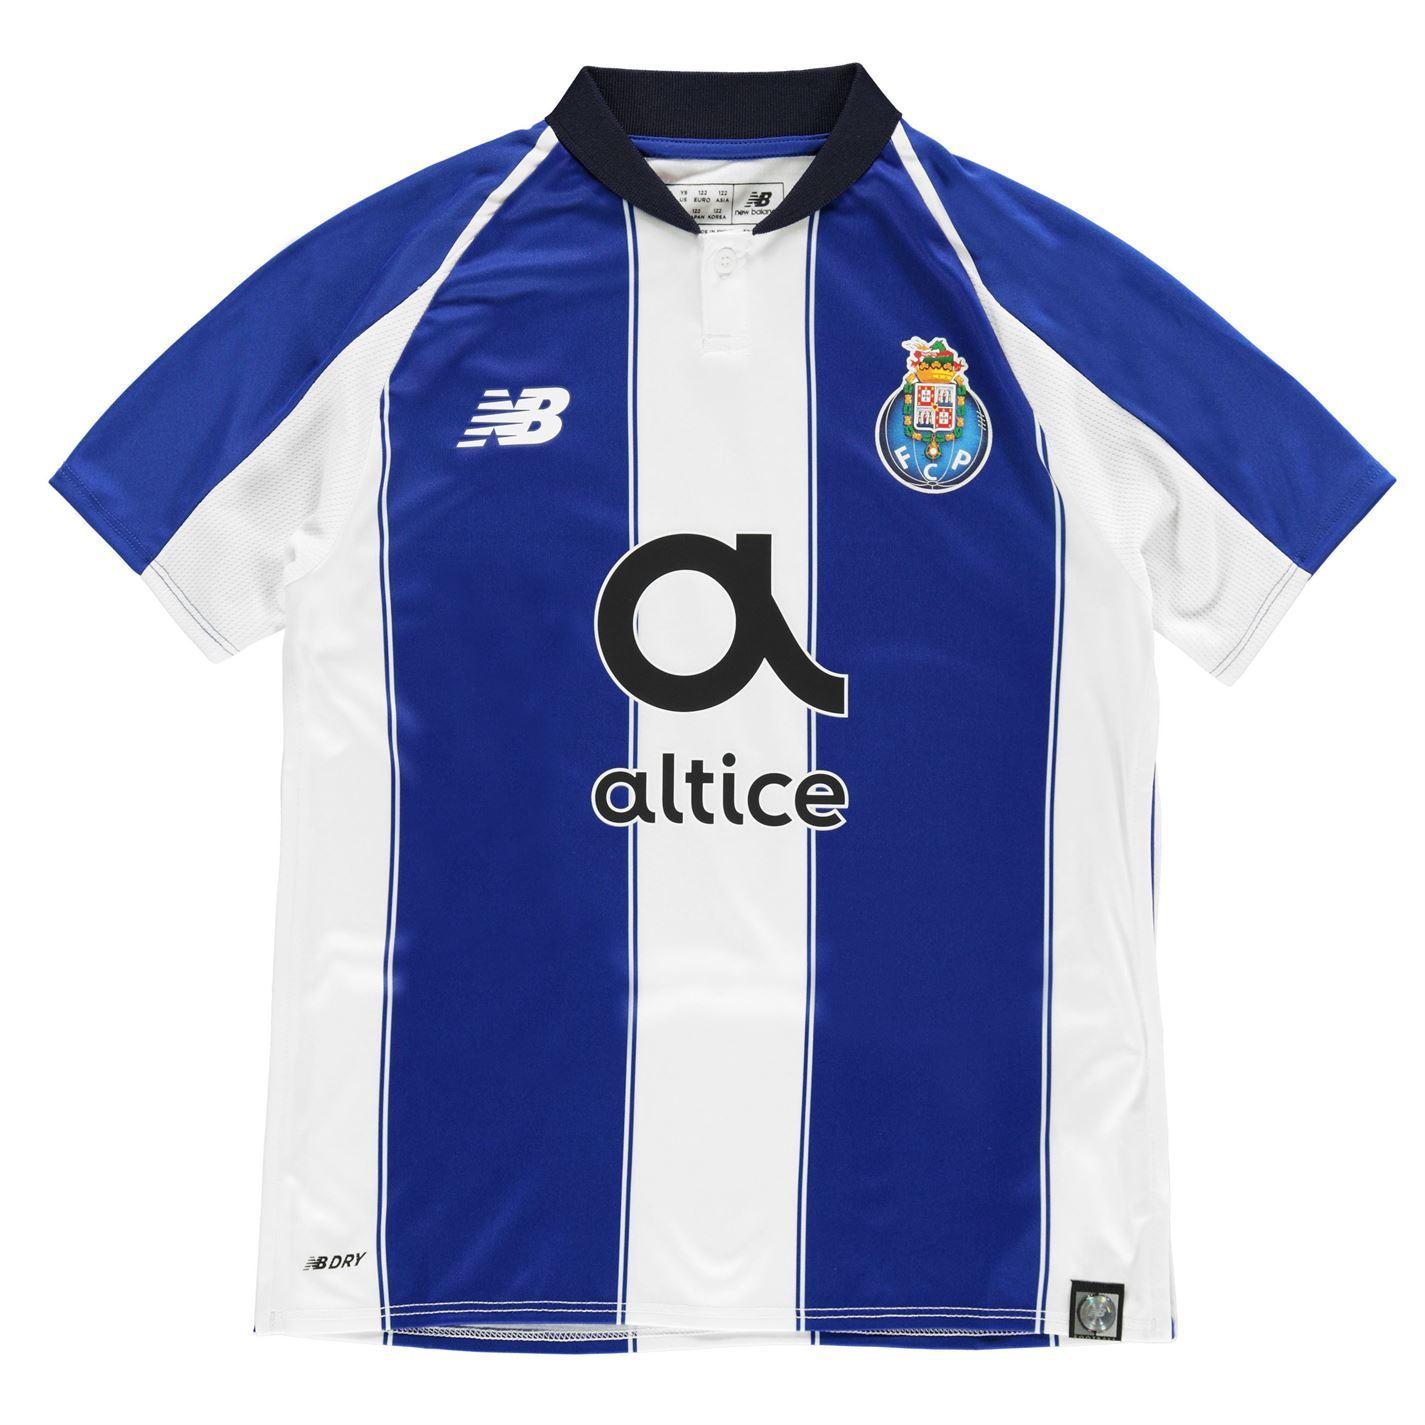 d757c5d65ca ... New Balance Porto Home Jersey 2018 2019 Juniors Blue Football Soccer  Shirt Top ...